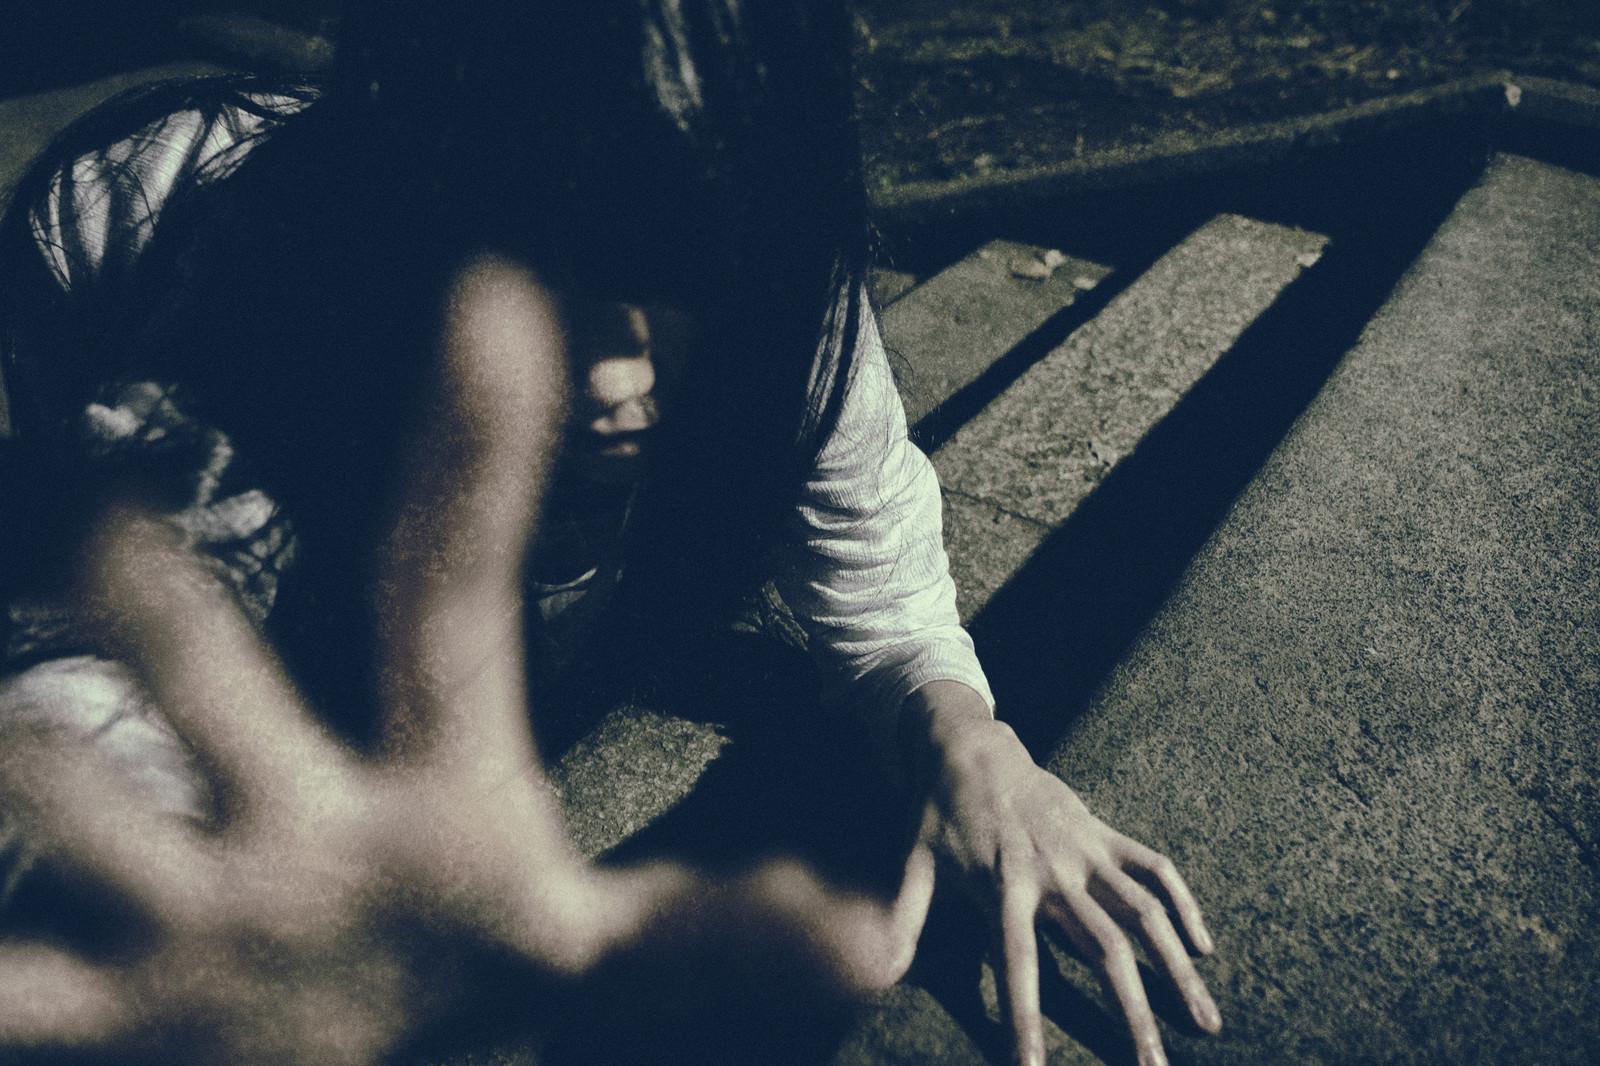 「石畳の階段から命を掴み取ろうとする恐ろしい女性」の写真[モデル:緋真煉]